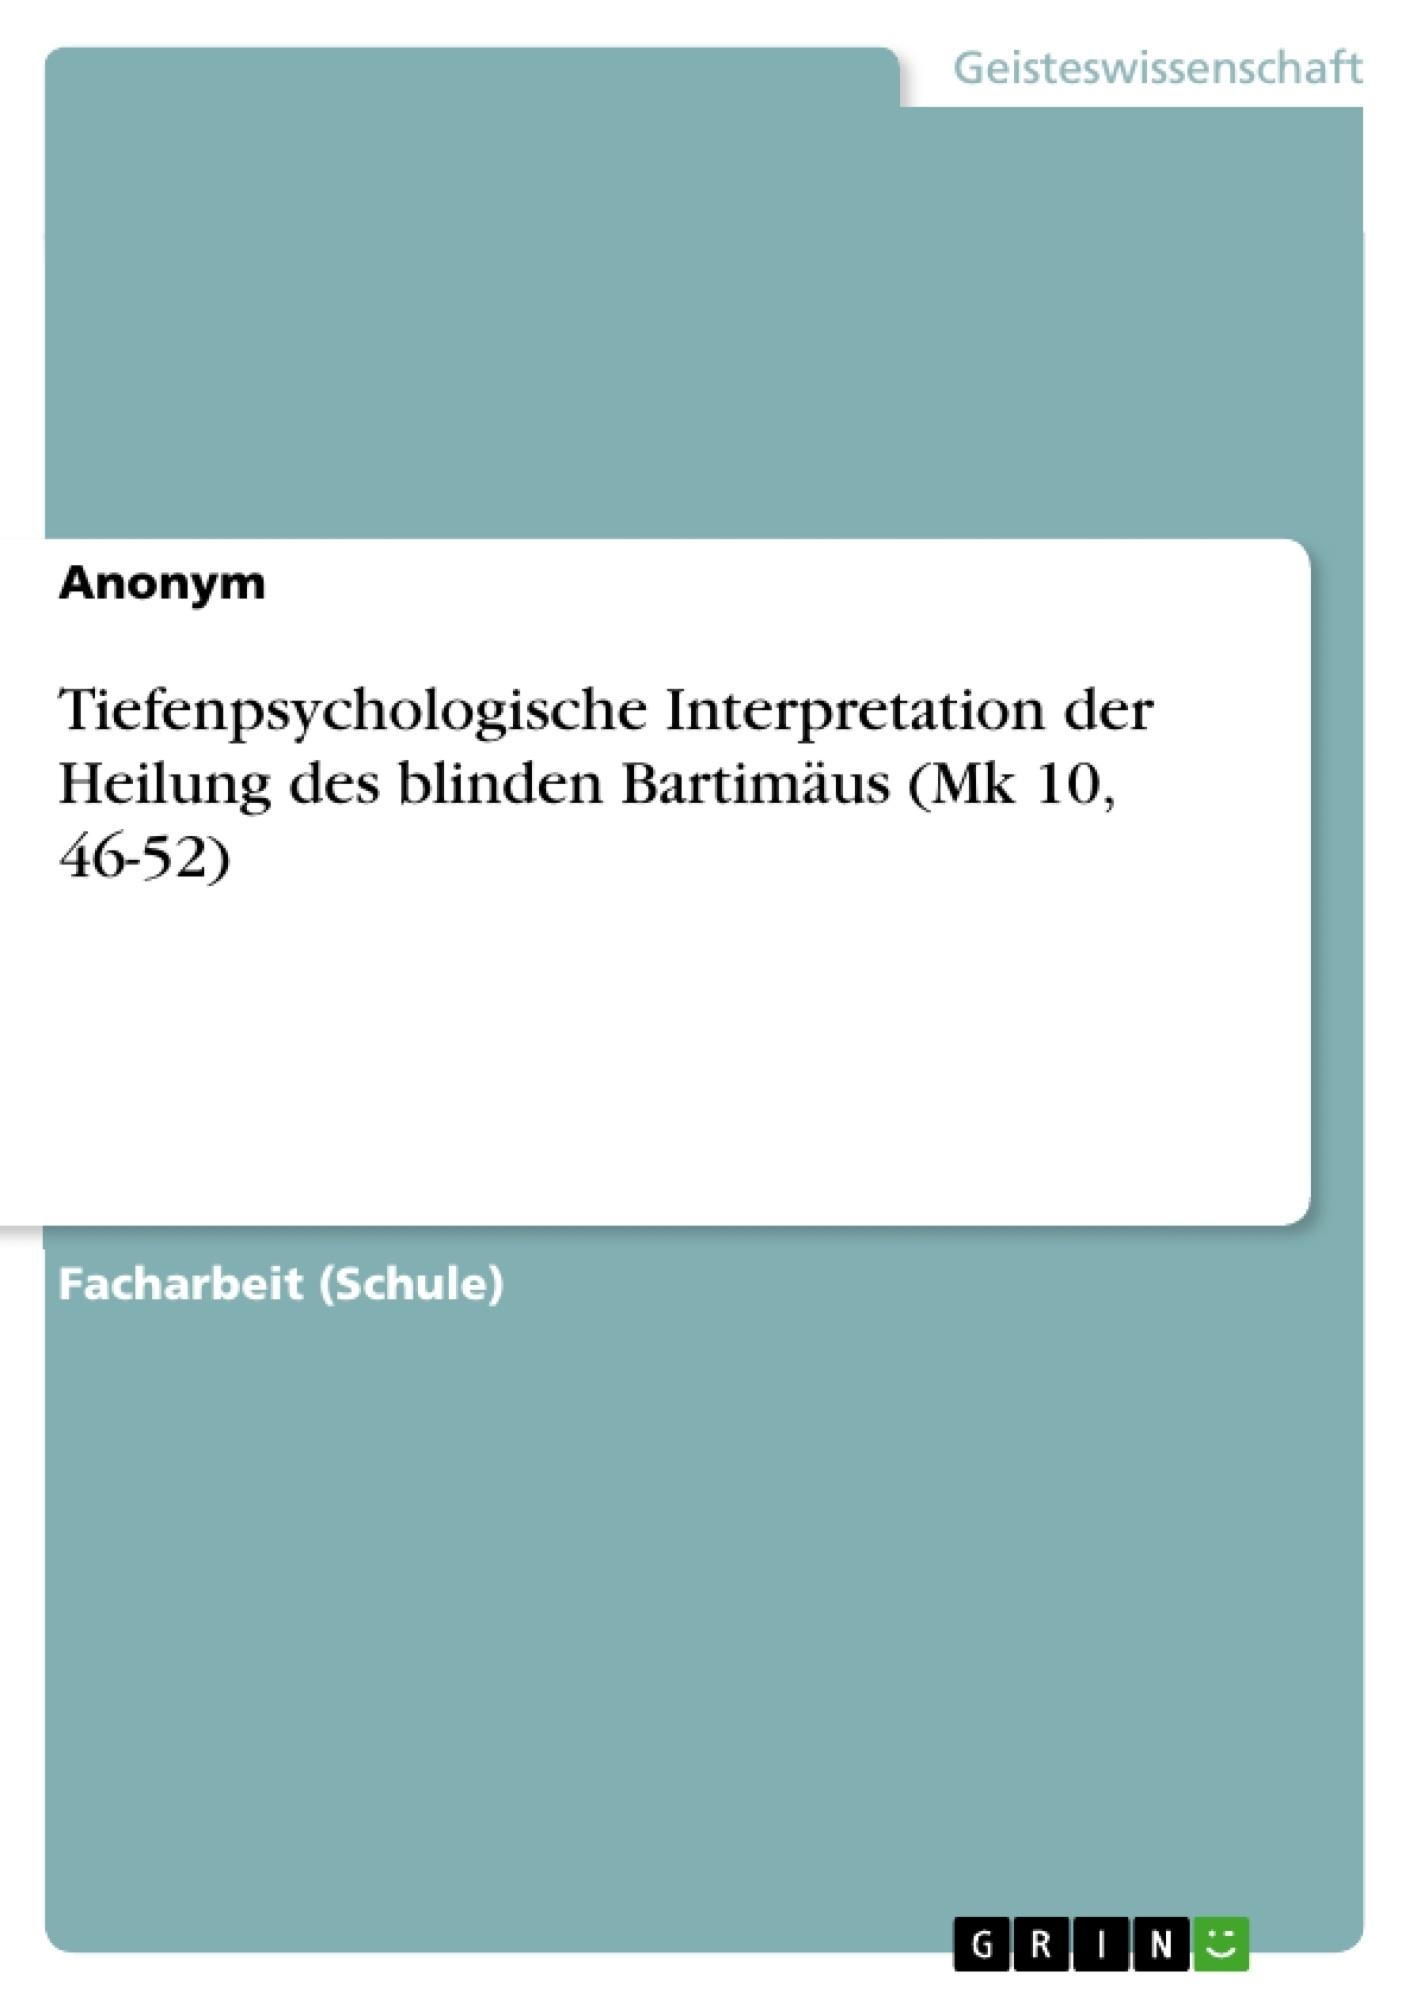 Titel: Tiefenpsychologische Interpretation der Heilung des blinden Bartimäus (Mk 10, 46-52)